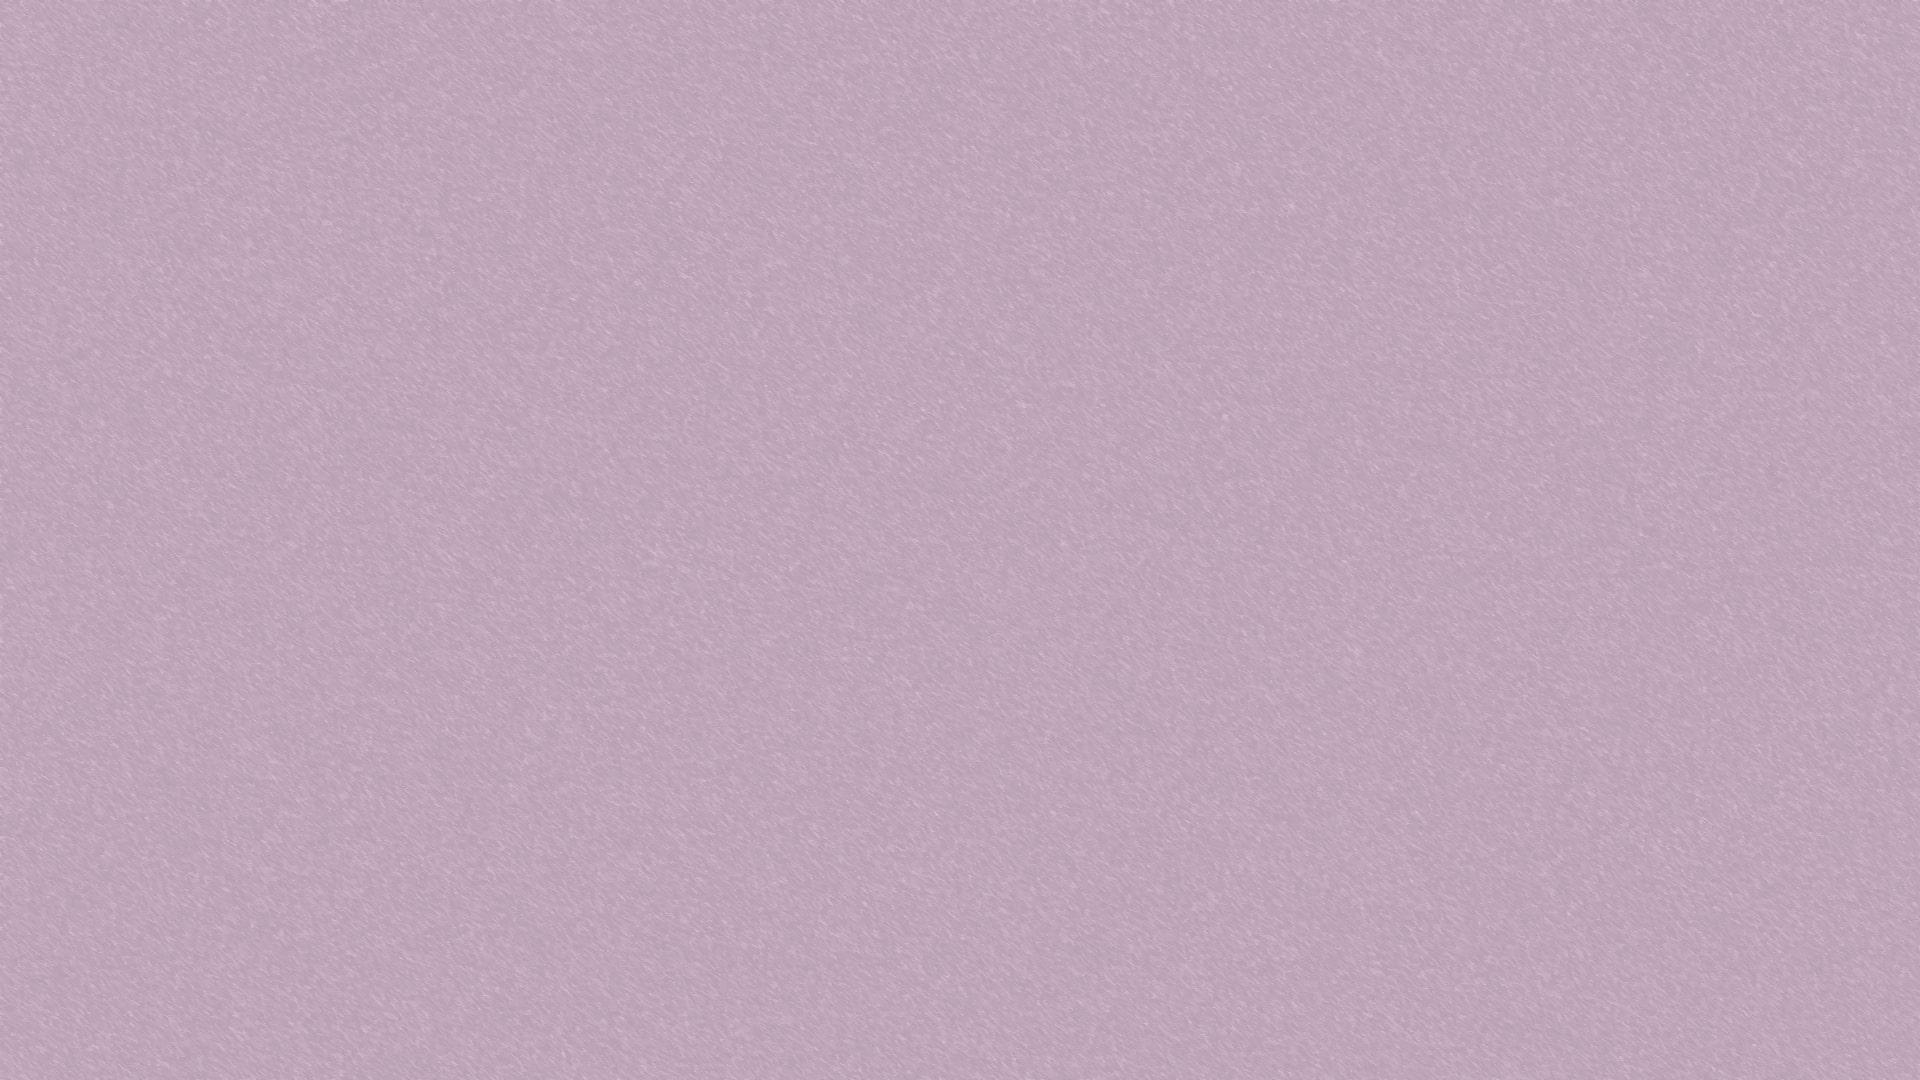 コンクリート風背景画像_pink